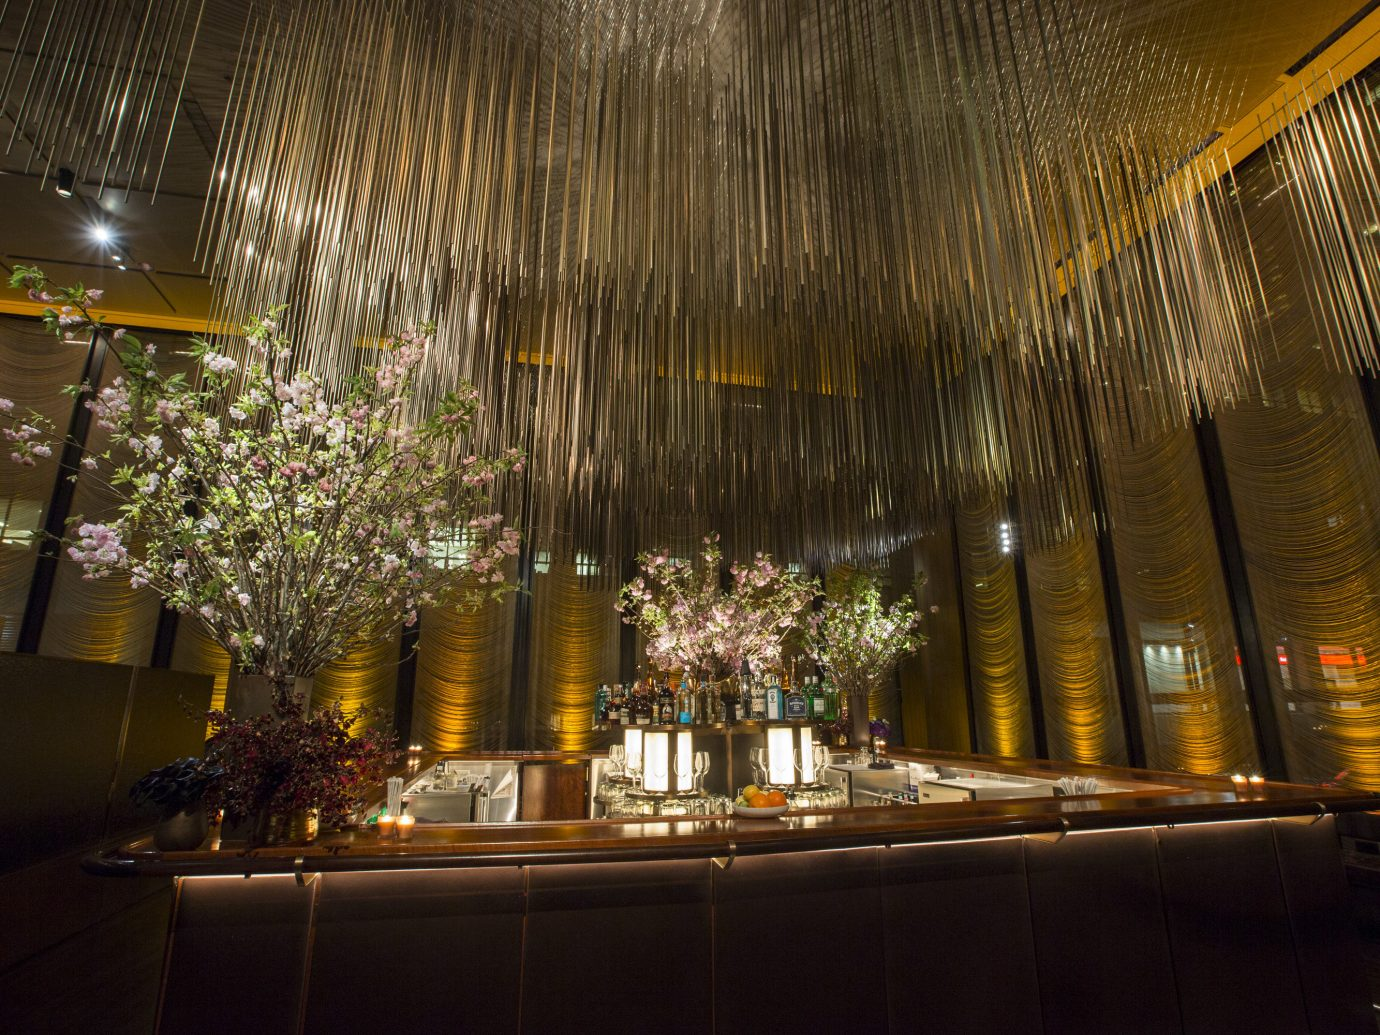 Trip Ideas indoor Lobby night light ceiling lighting interior design meal restaurant christmas lights Bar ballroom